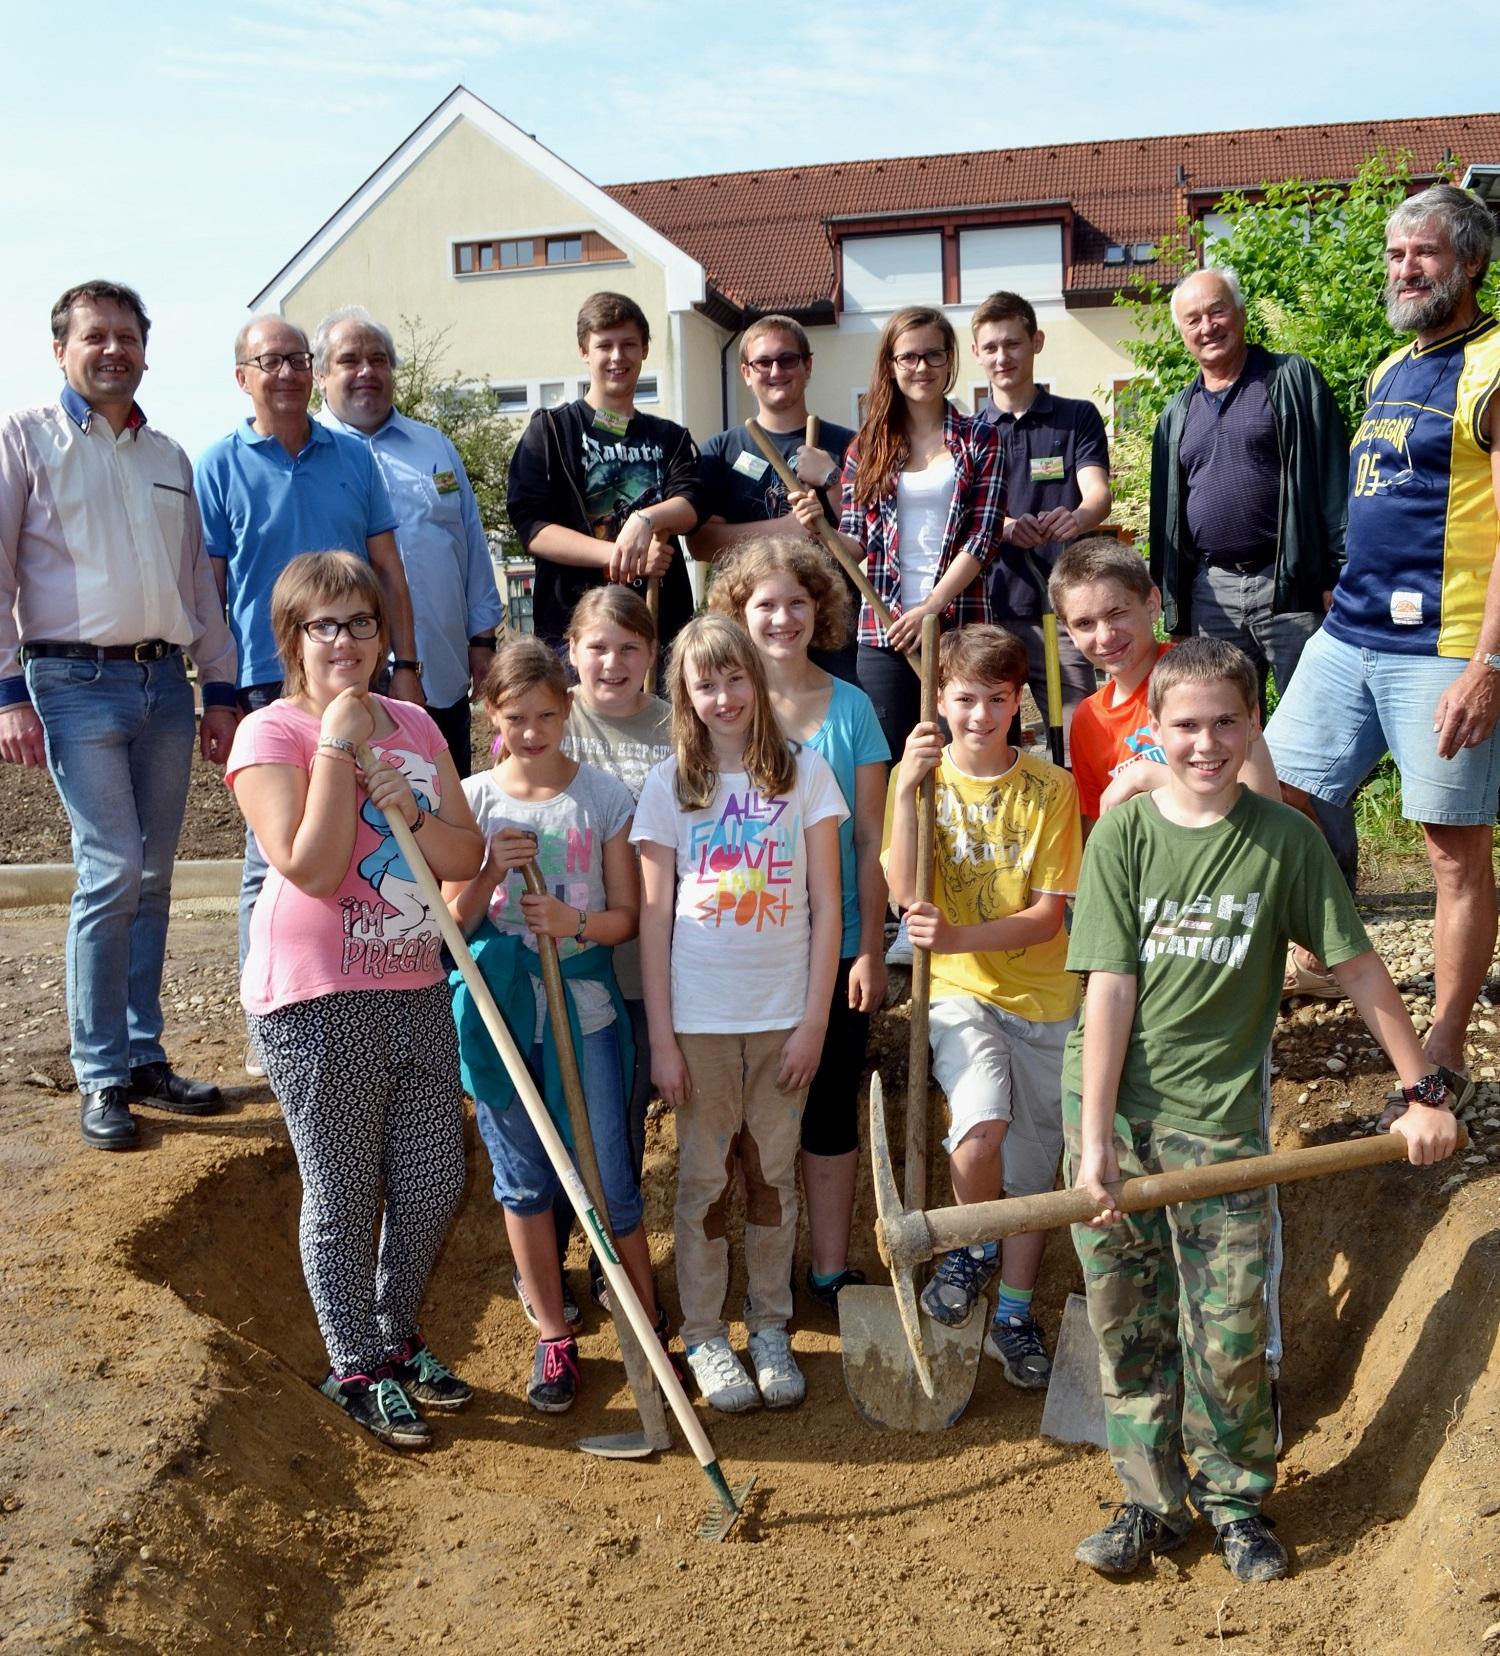 HLUW Schülerinnen und Schüler managen die gemeinsamen Arbeitstage mit der Neuen Mittelschule Yspertal. Der Schulgarten wird in Zukunft von beiden Schulen genutzt und derzeit komplett  umgestaltet.  Foto: HLUW Yspertal